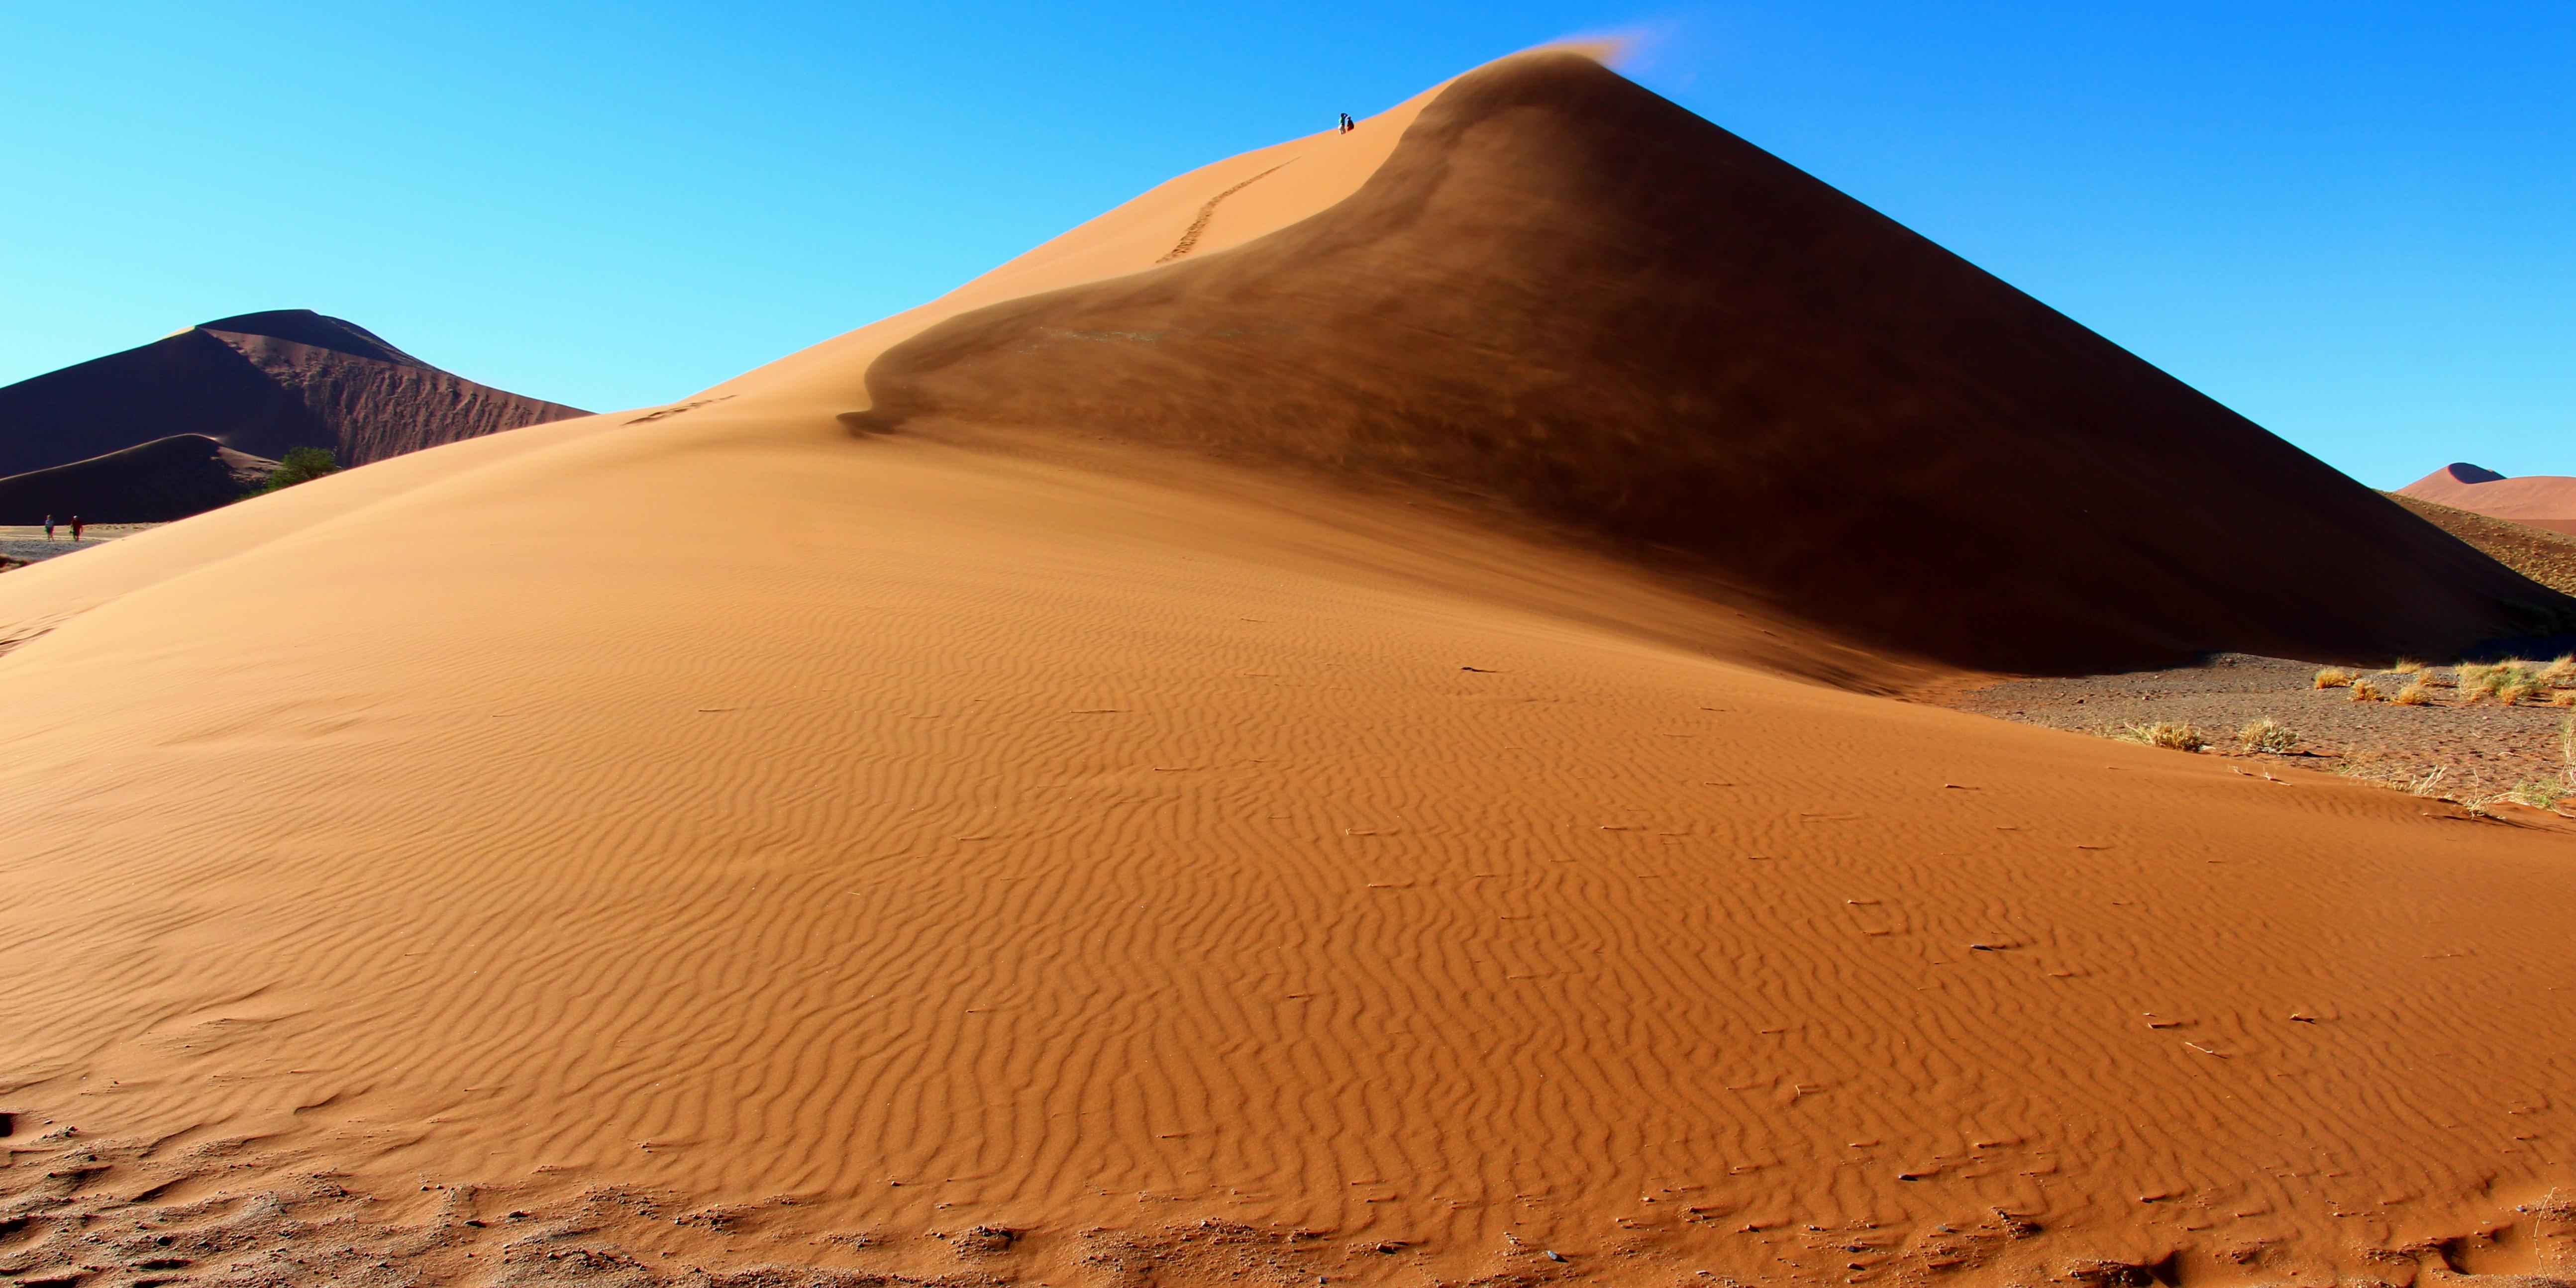 Sossusvlei dune